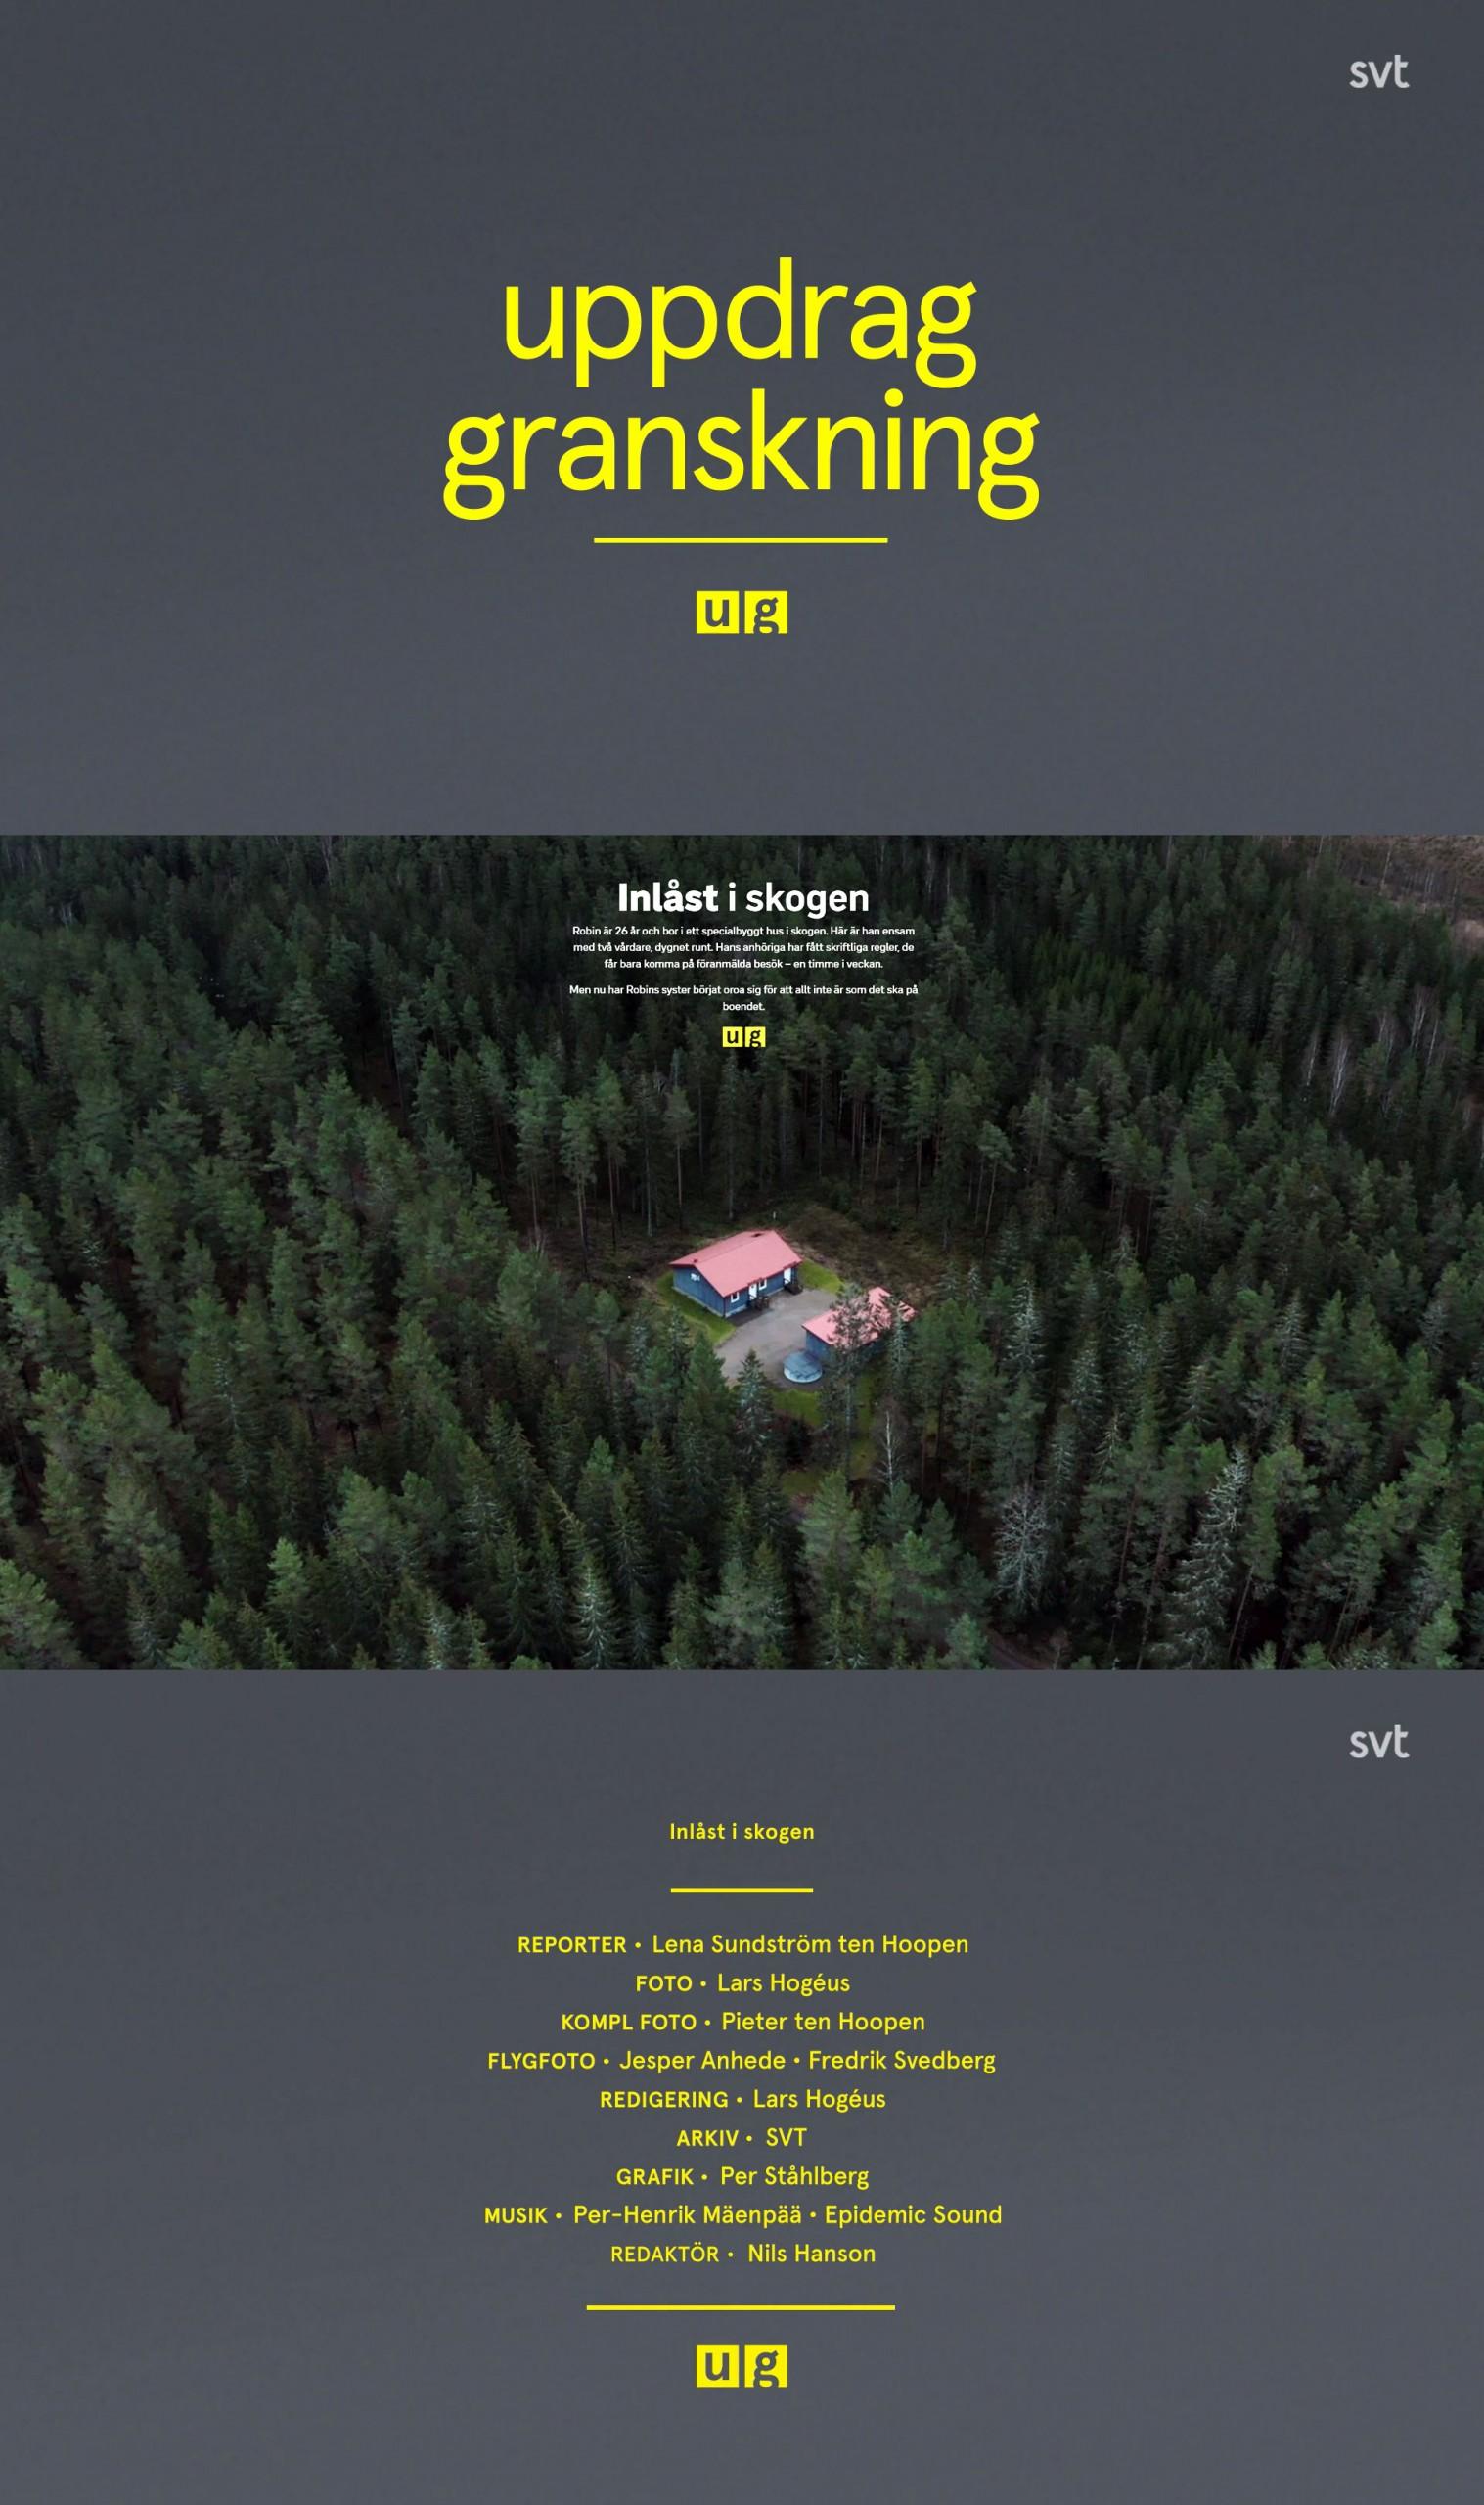 200205, drone, photographer, swedish, sweden, jesper anhede, dronarfotograf, uppdrag granskning, sveriges television, svt